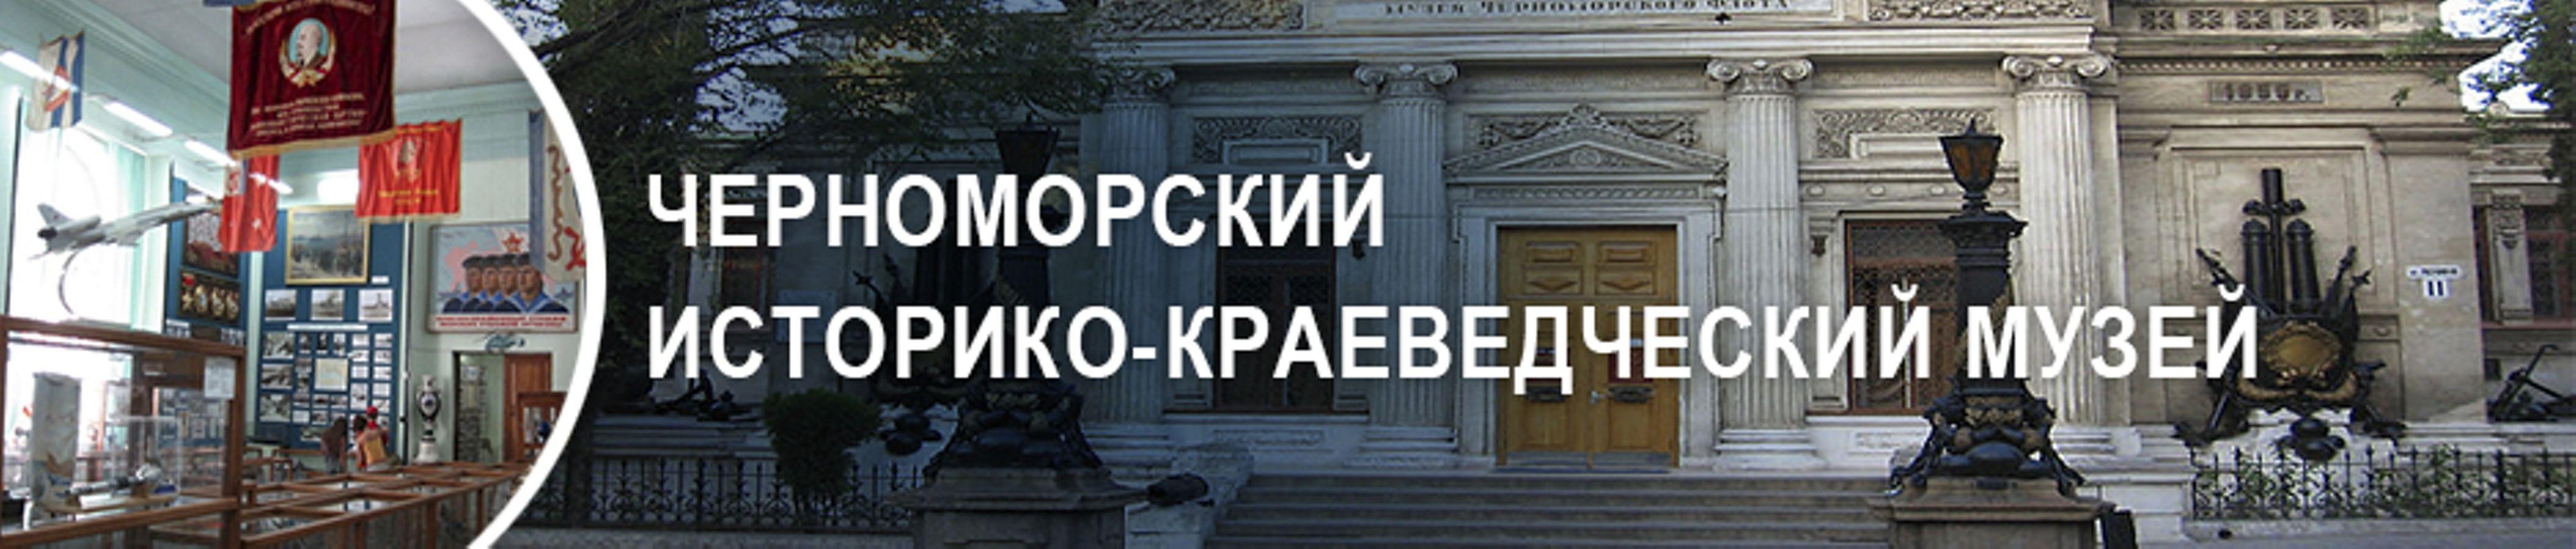 Черноморский историко-краеведческий музей